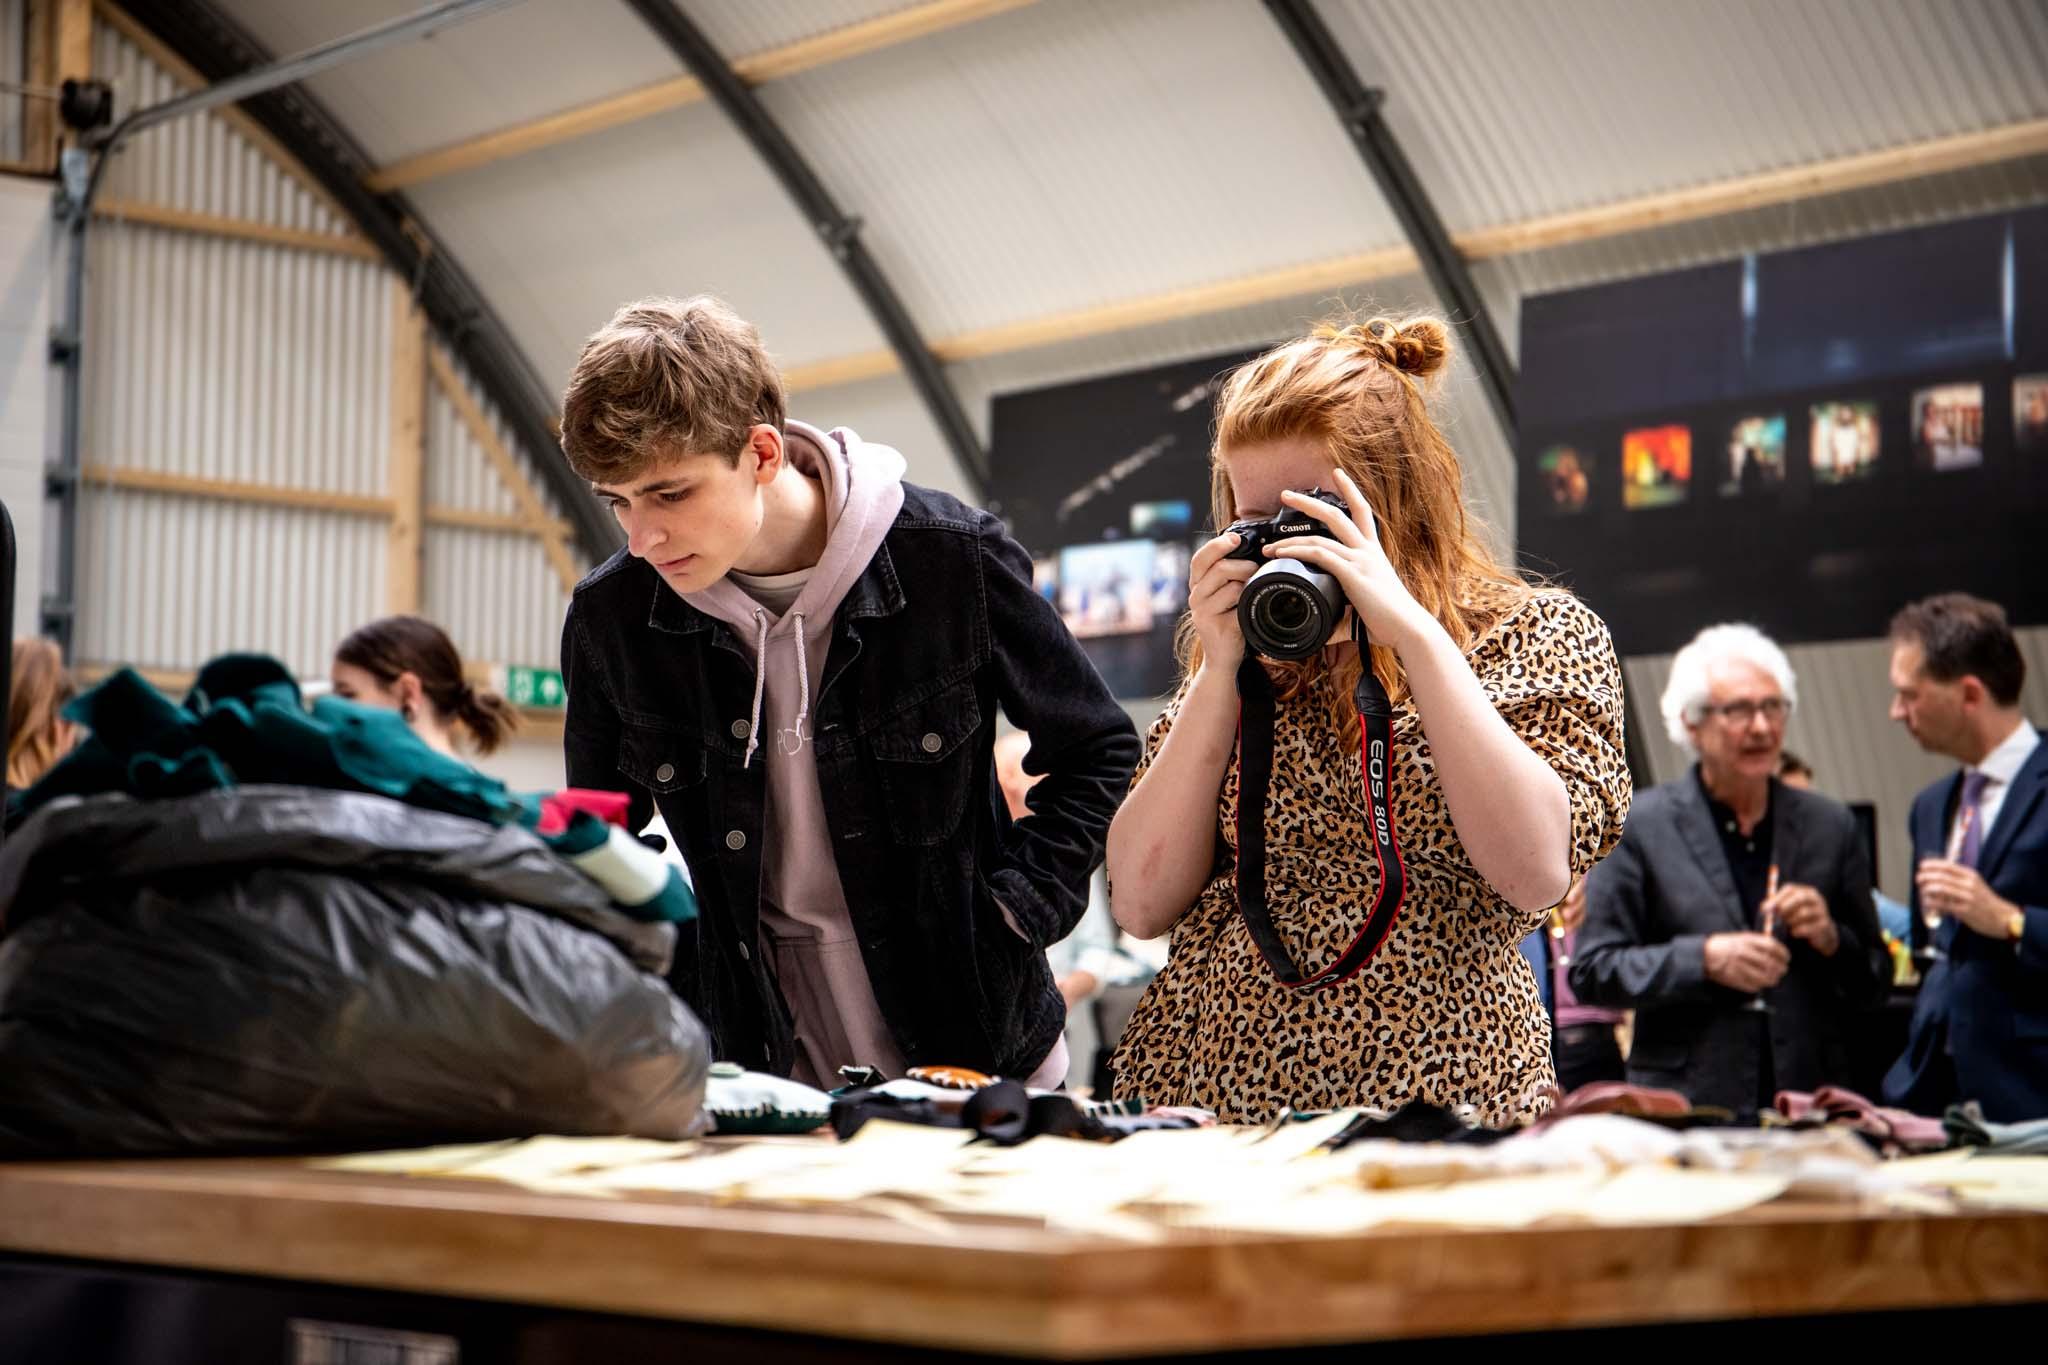 eventfotografie, eventfotograaf, evenementenfotografie, evenementenfotograaf